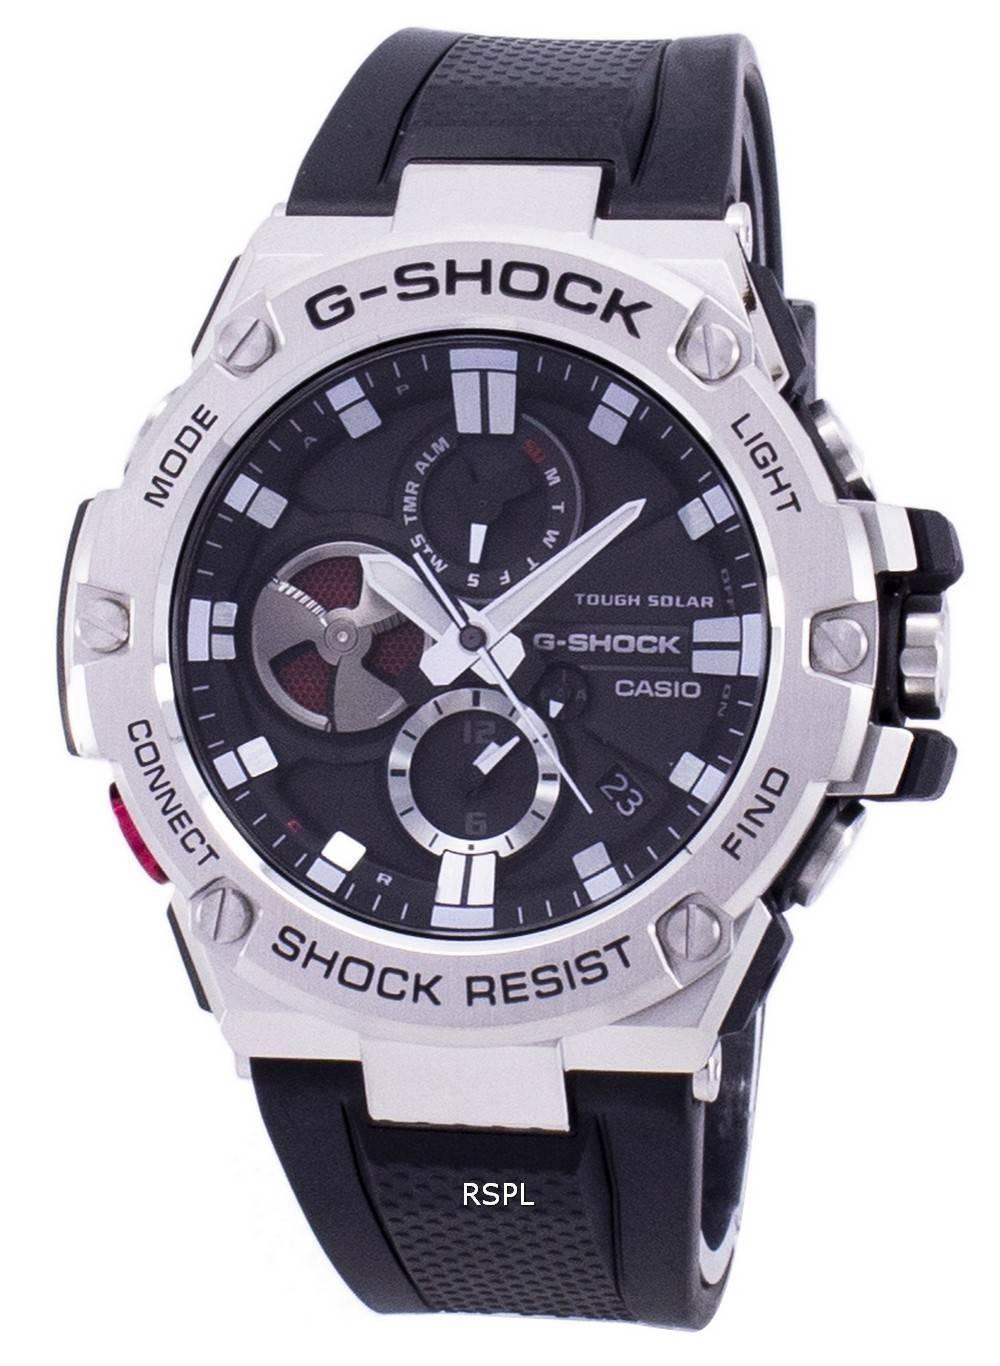 9c90411ee42 Casio G-Shock G-Steel Tough Solar Analog GST-B100-1A GSTB100-1A ...